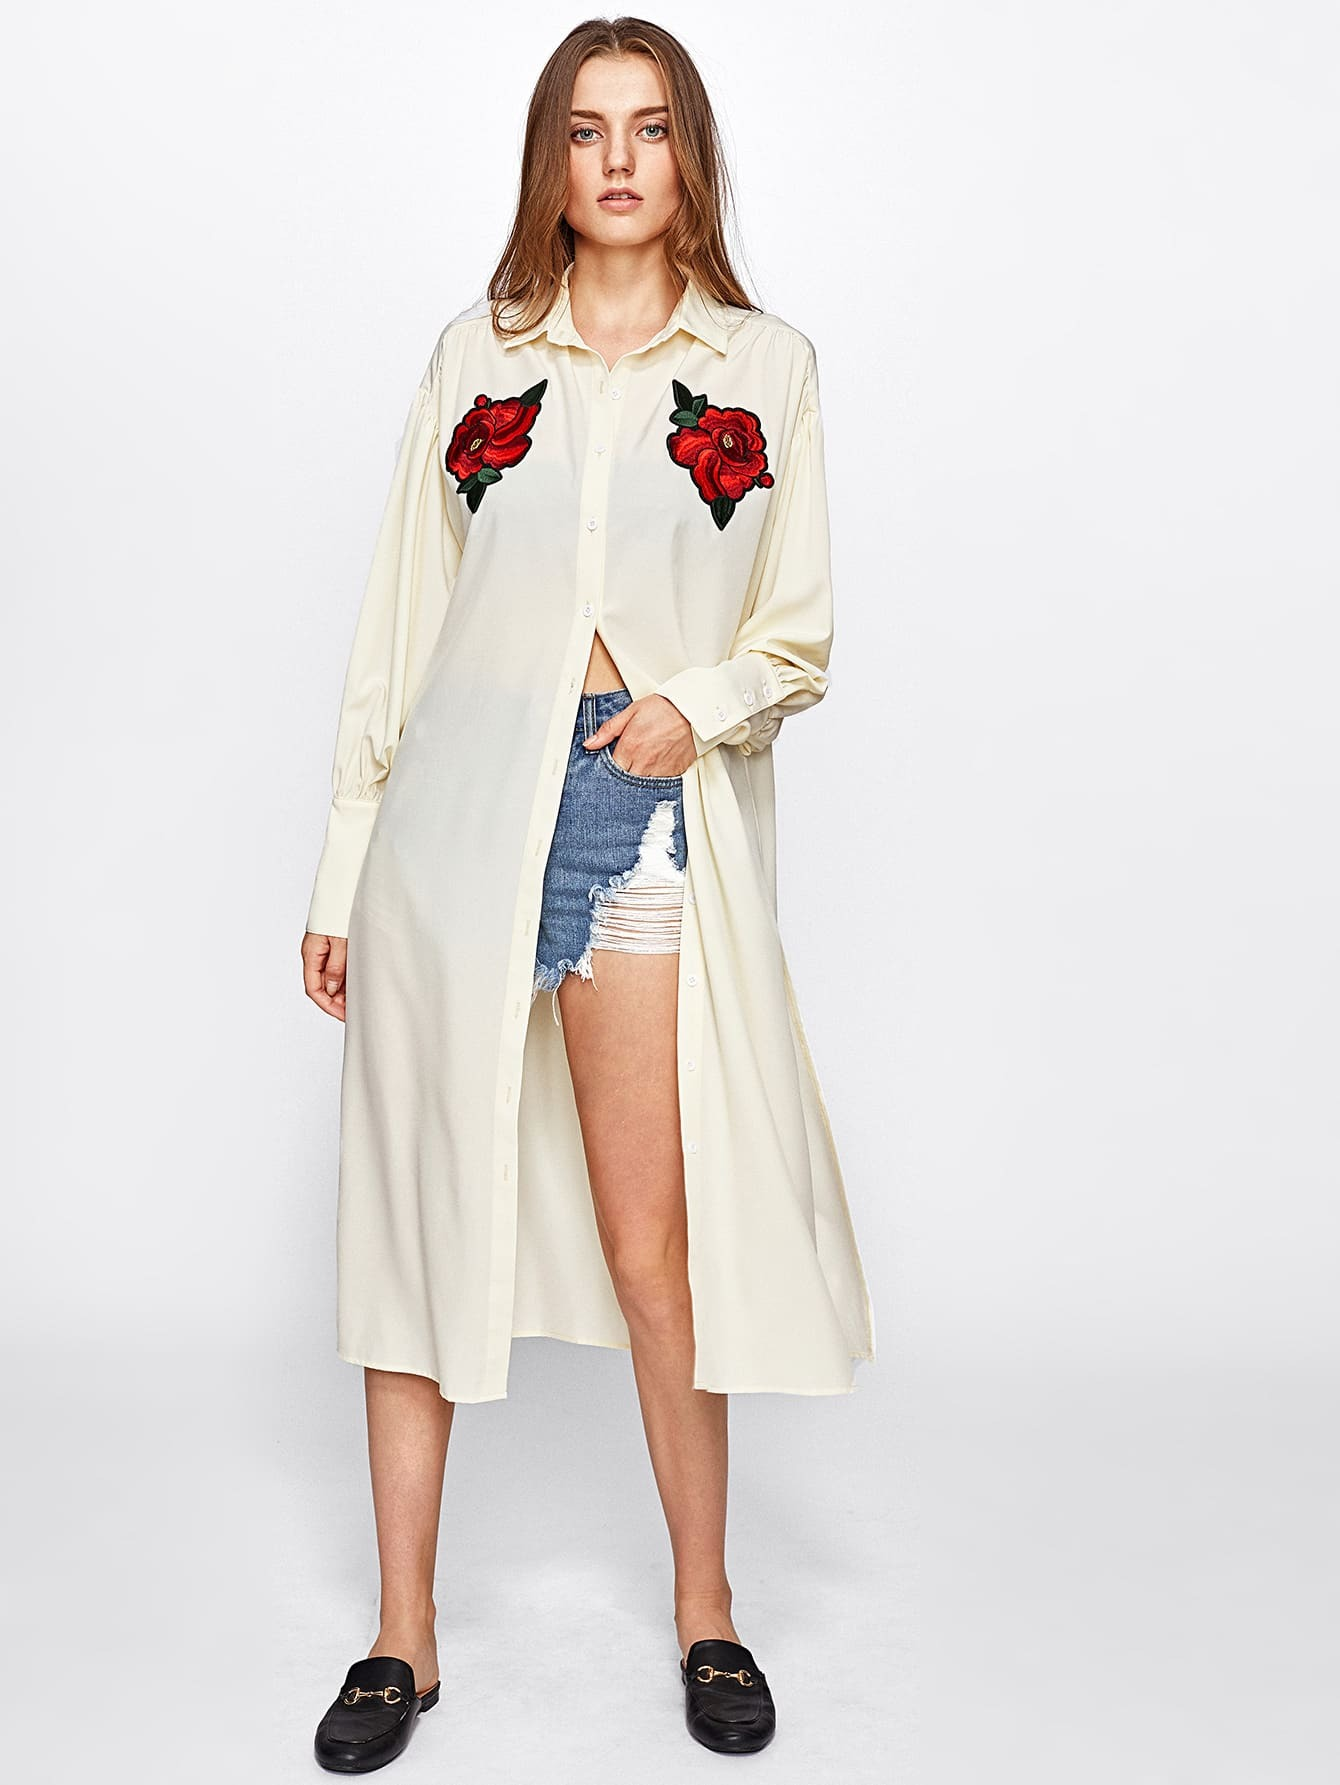 Embroidered Rose Applique Slit Longline Blouse embroidered rose applique side split belt dress